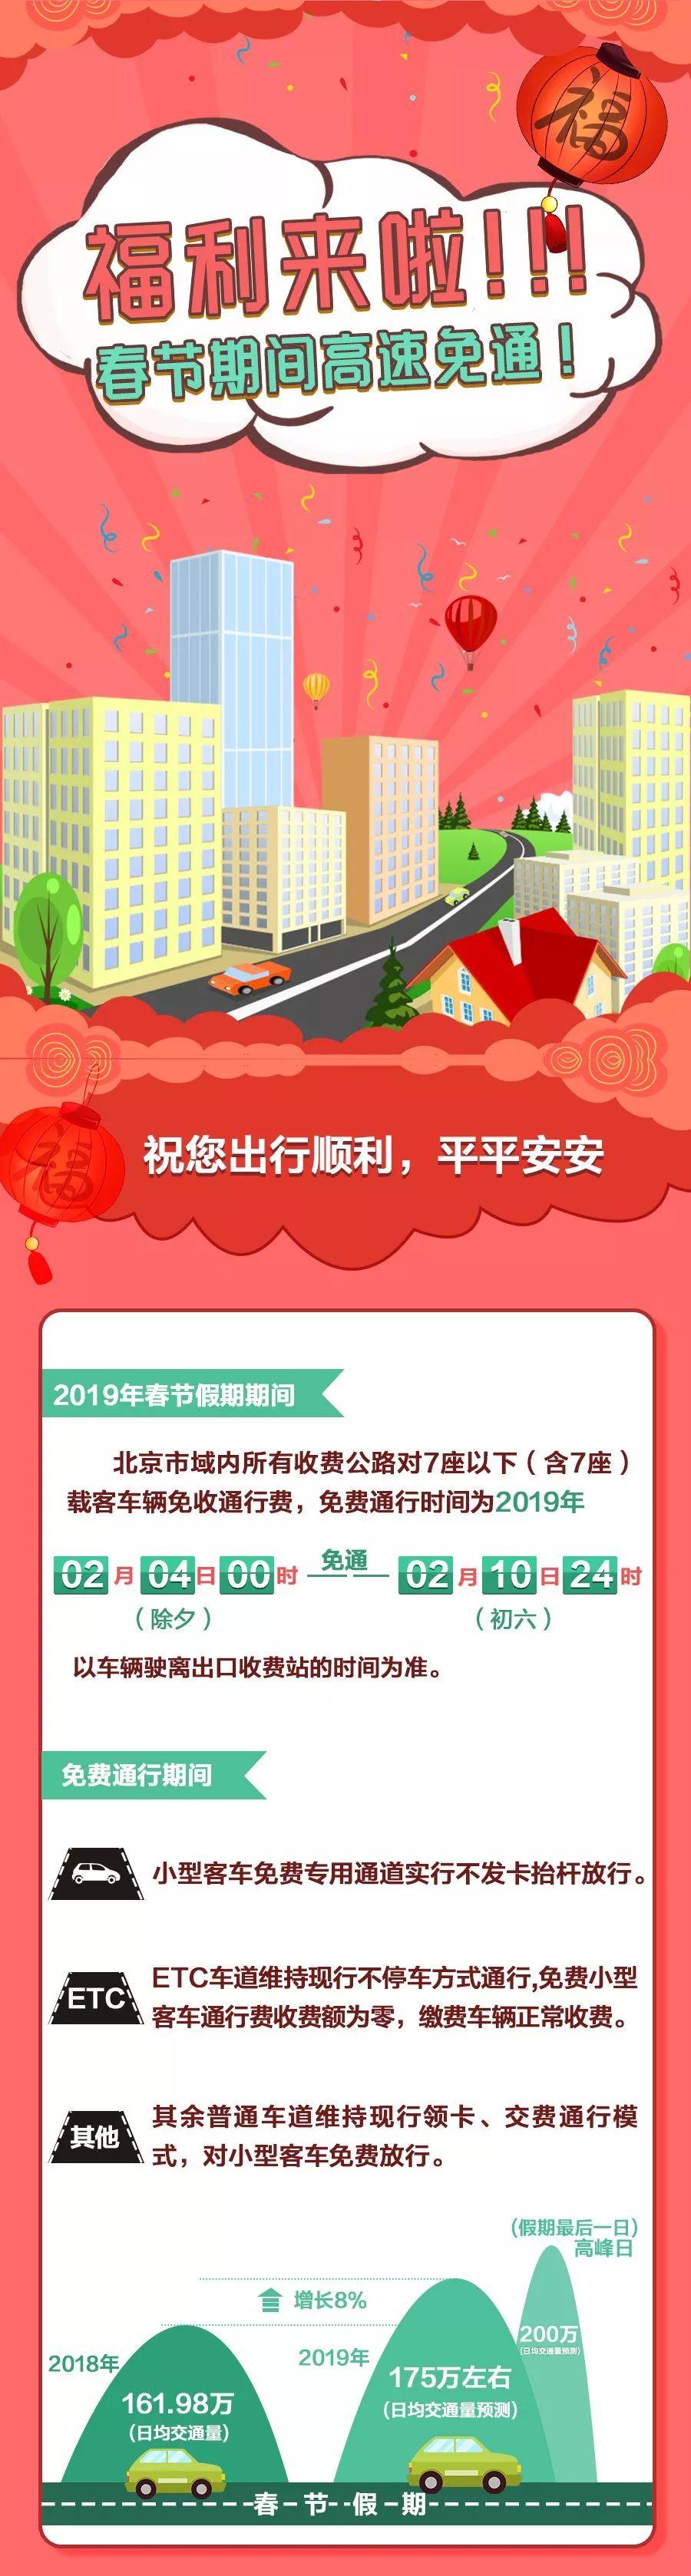 2019年春节北京高速公路免费时间